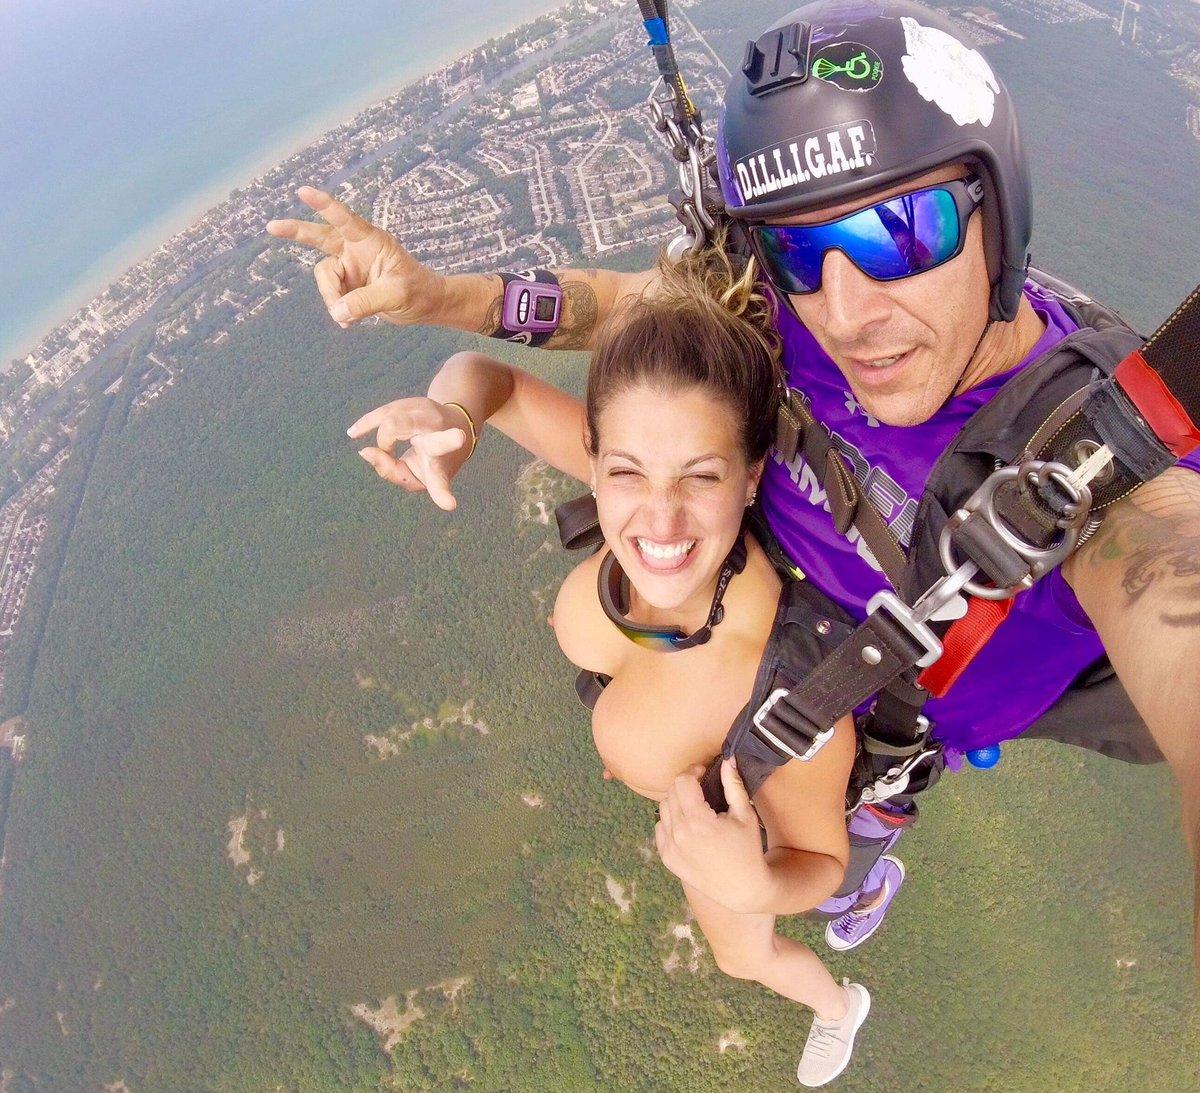 Nude skydiving